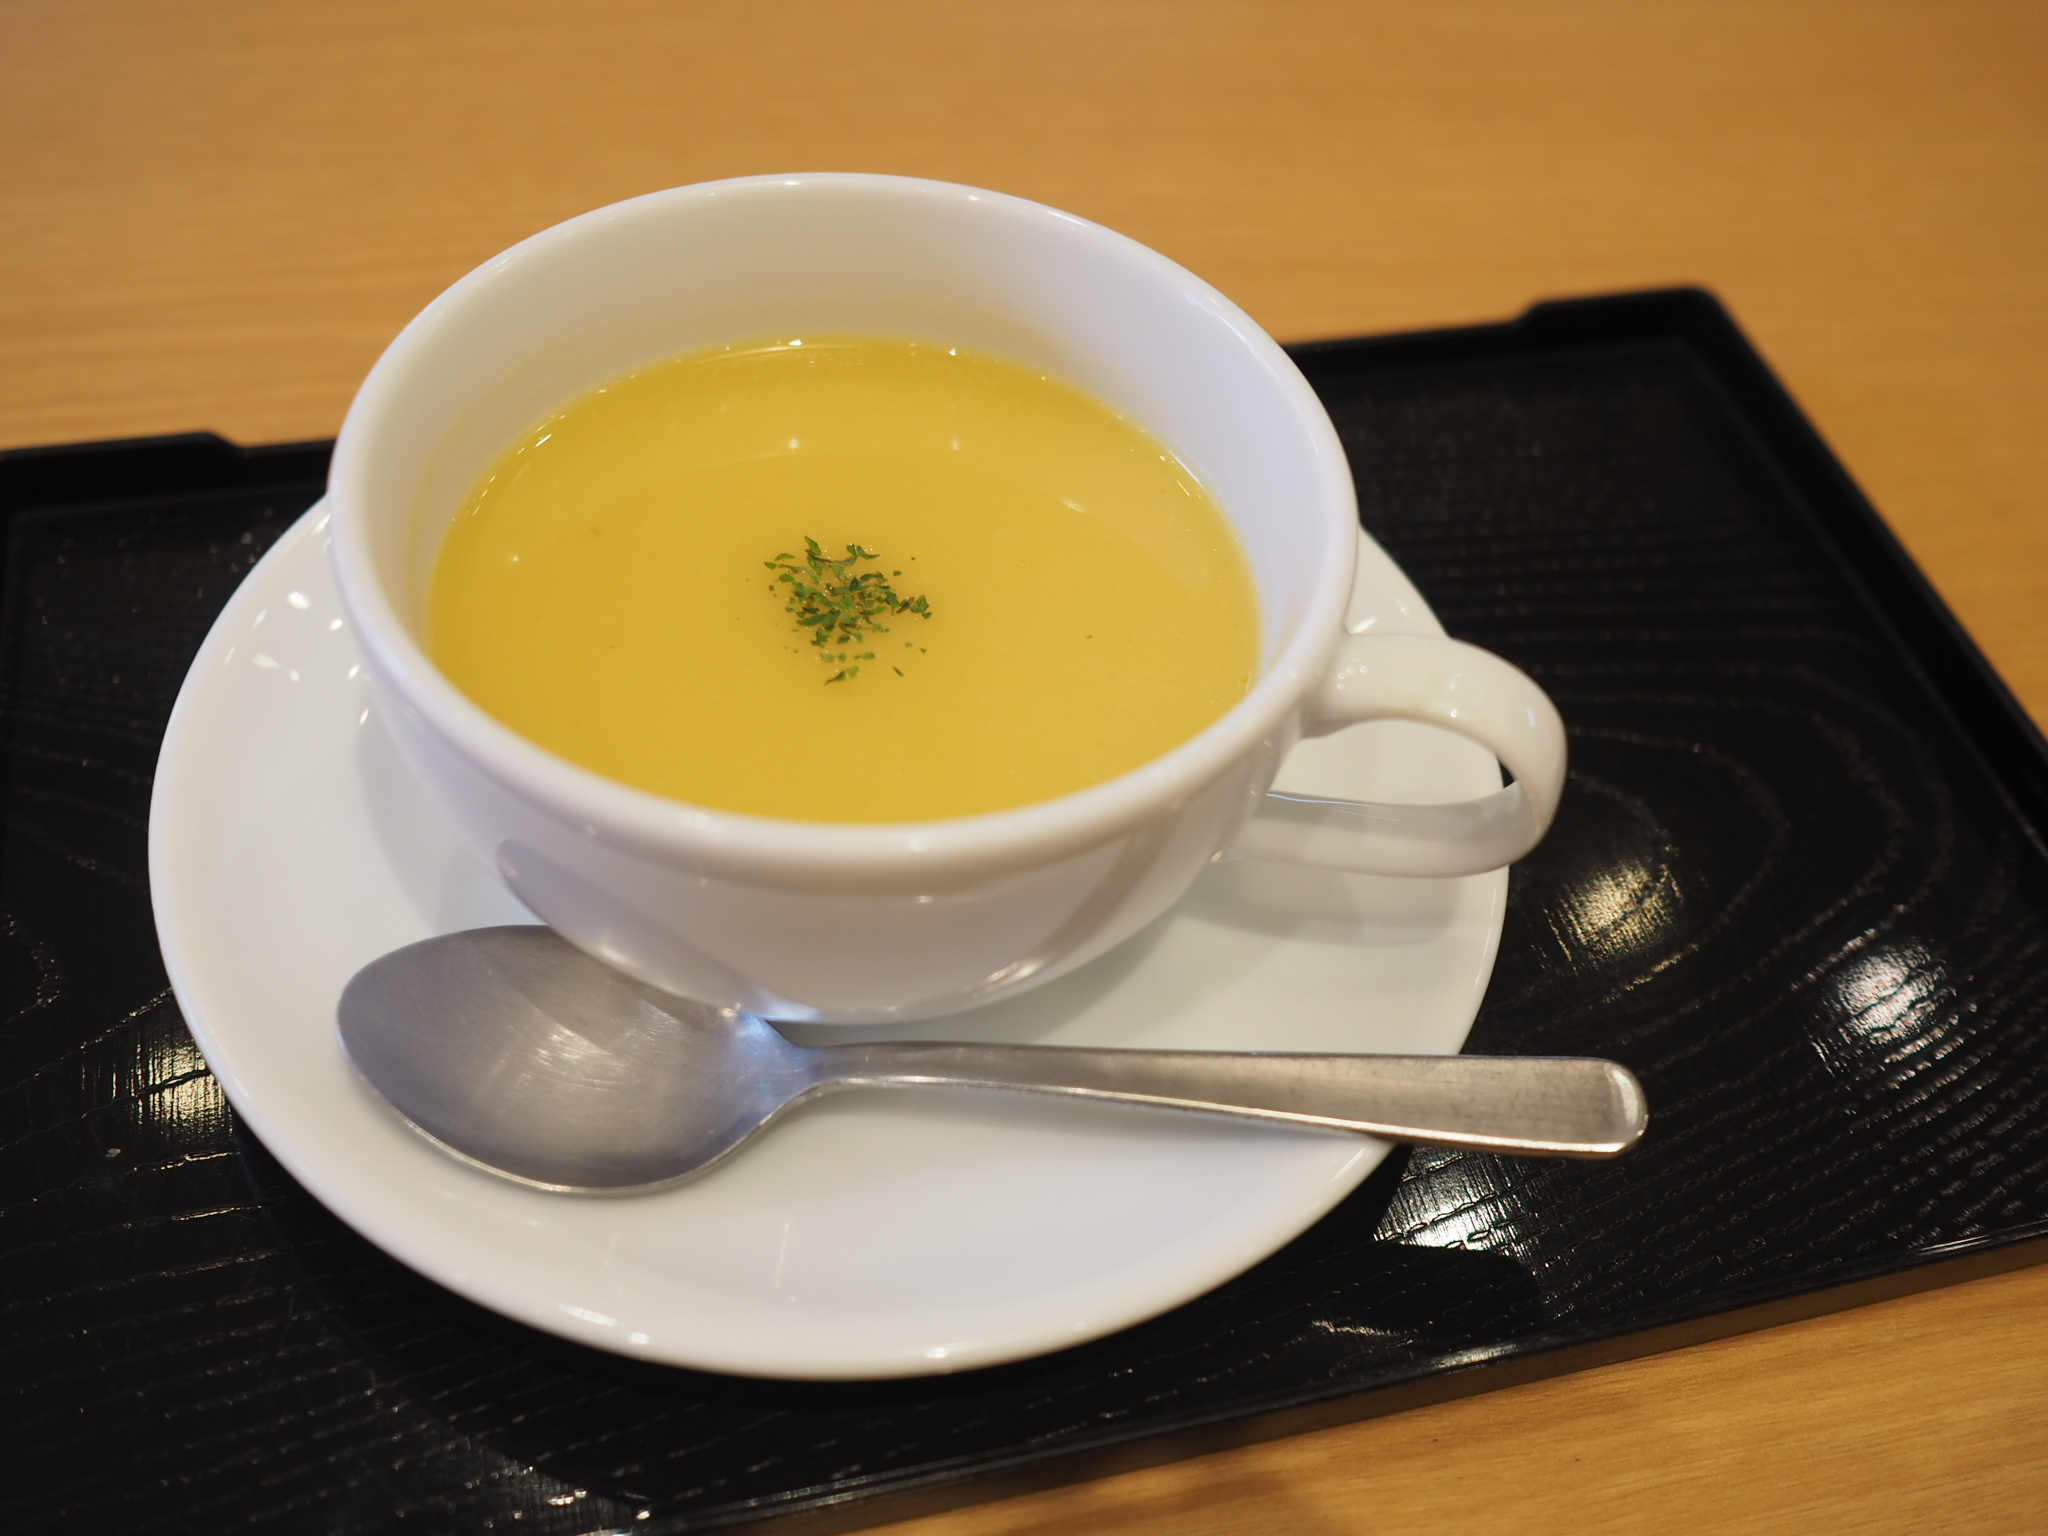 ねっとり系、ホクホク系、あなたはどっちが好き?碧南市の焼き芋専門店「やきいも丸じゅん」 - WeChat Image 20191101173137